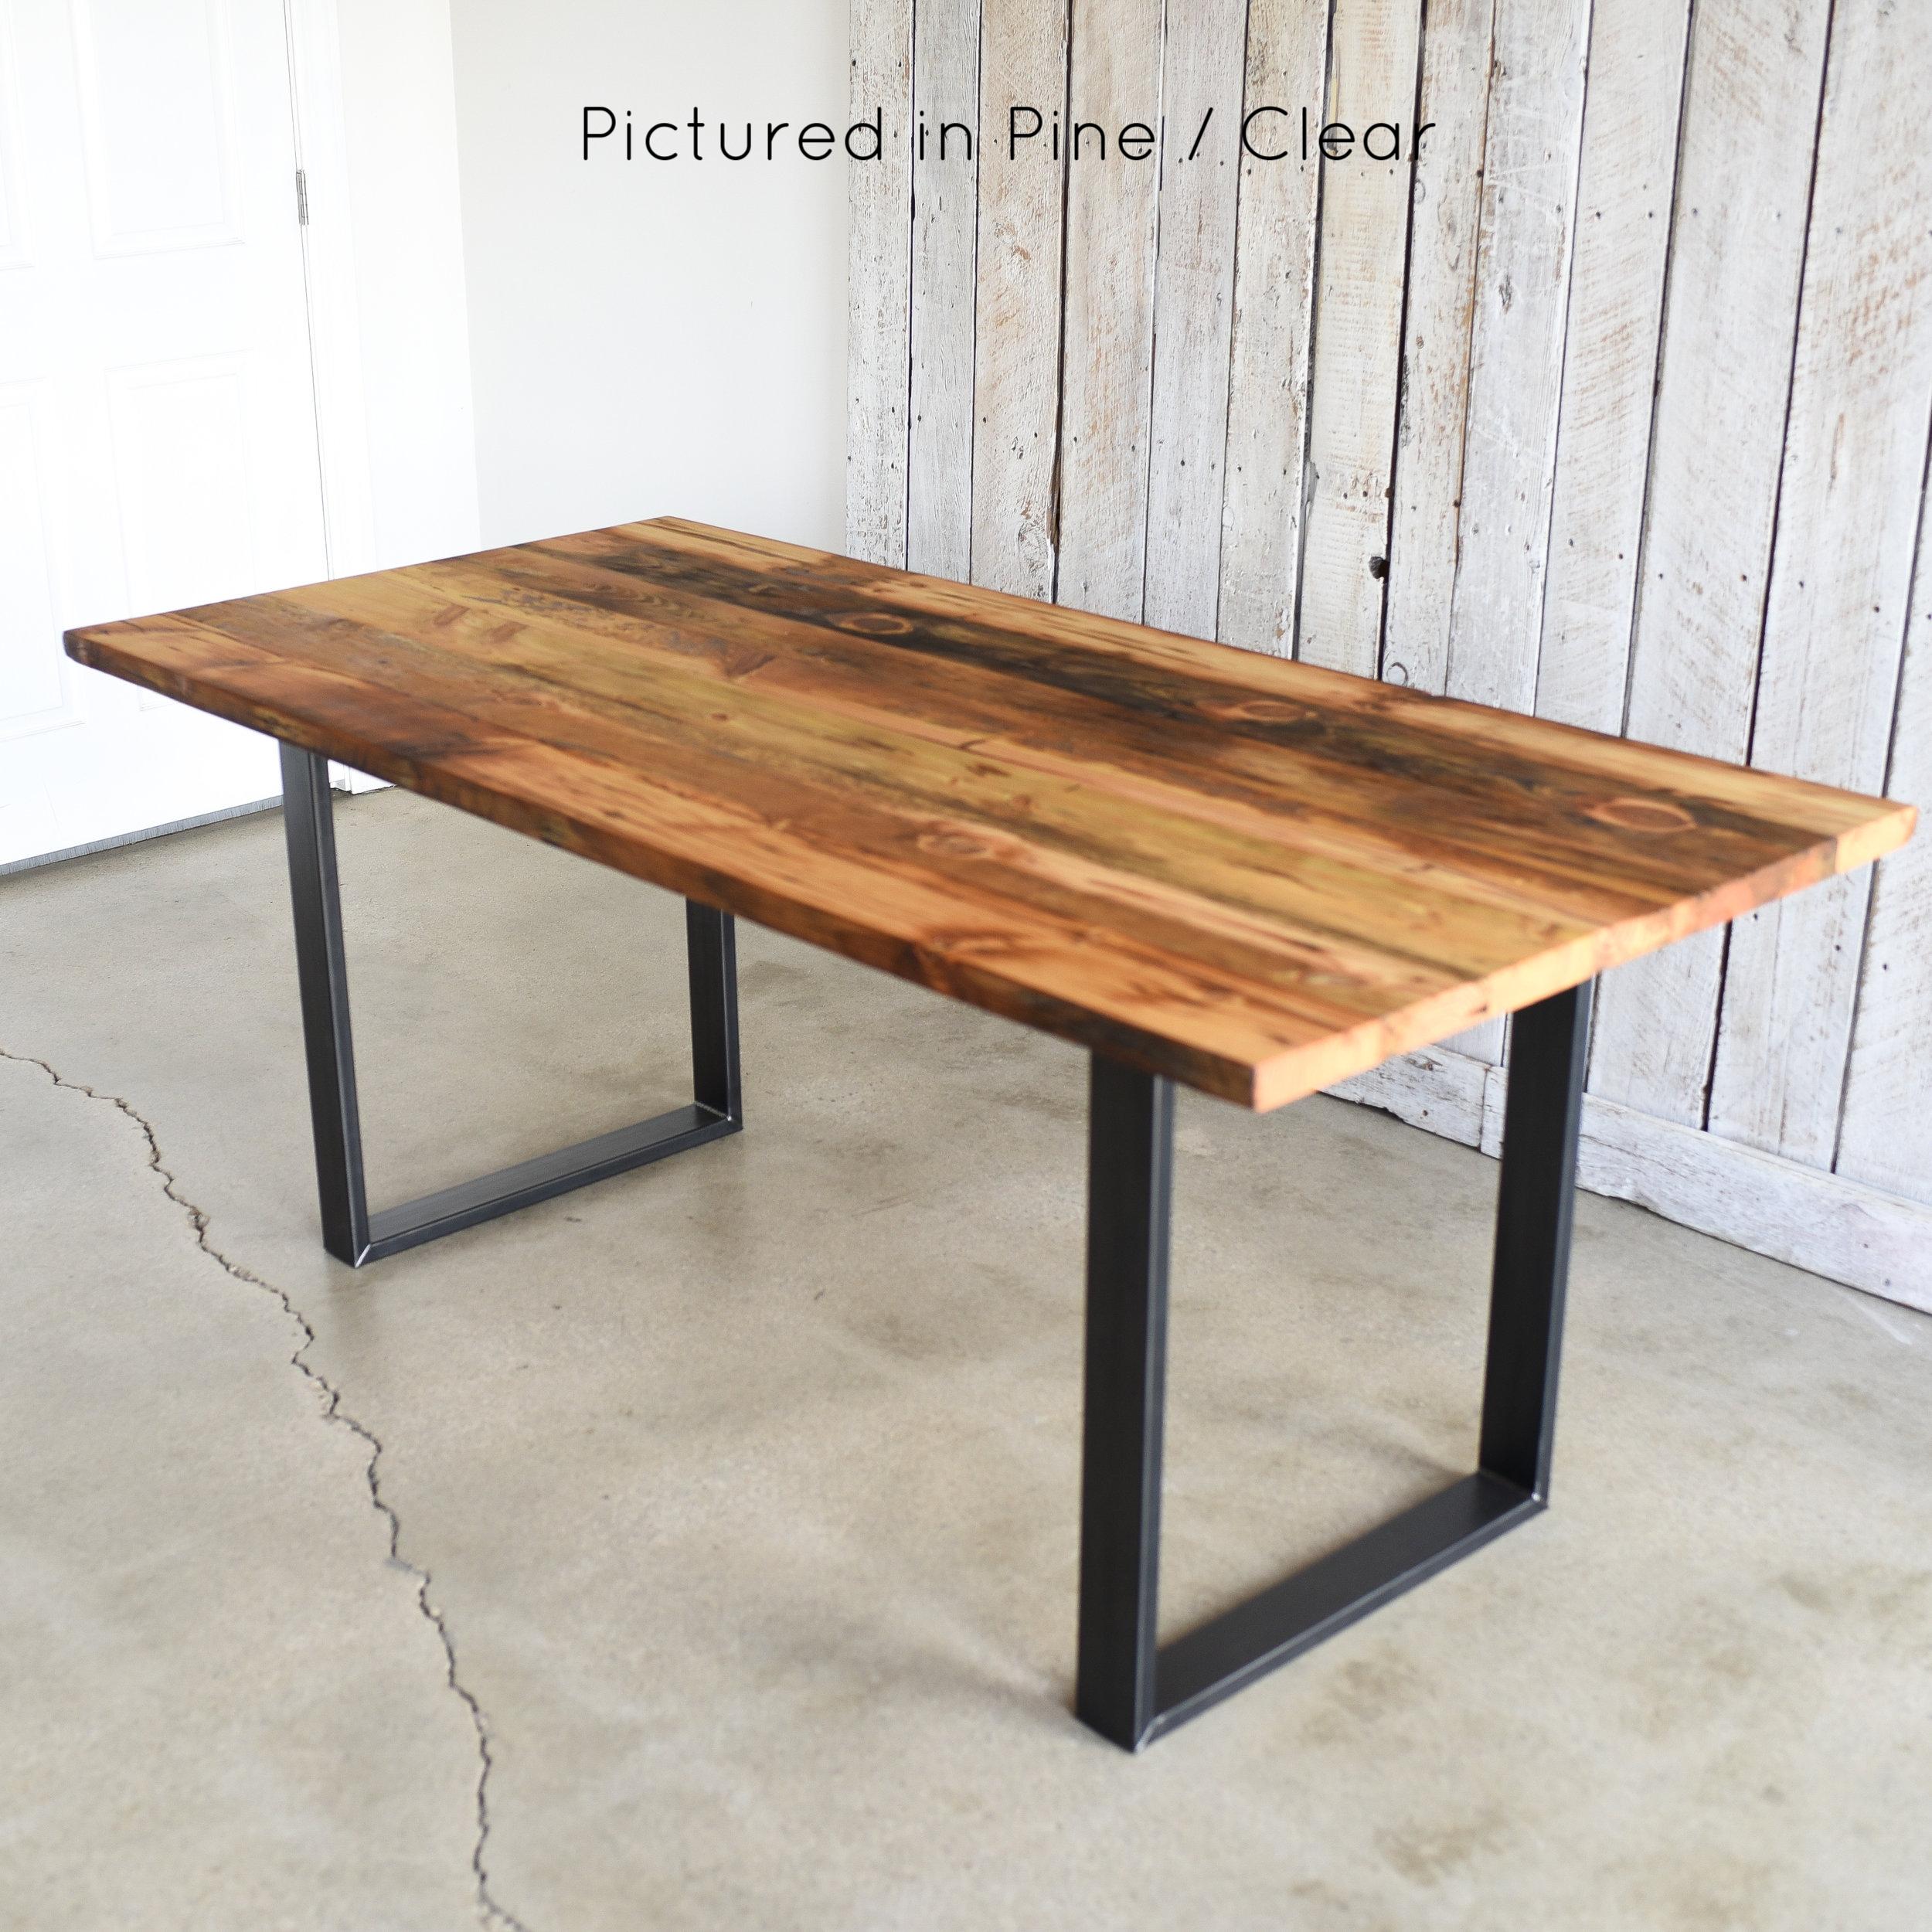 Industrial Modern Dining Table / U-Shaped Metal Legs - WHAT WE MAKE